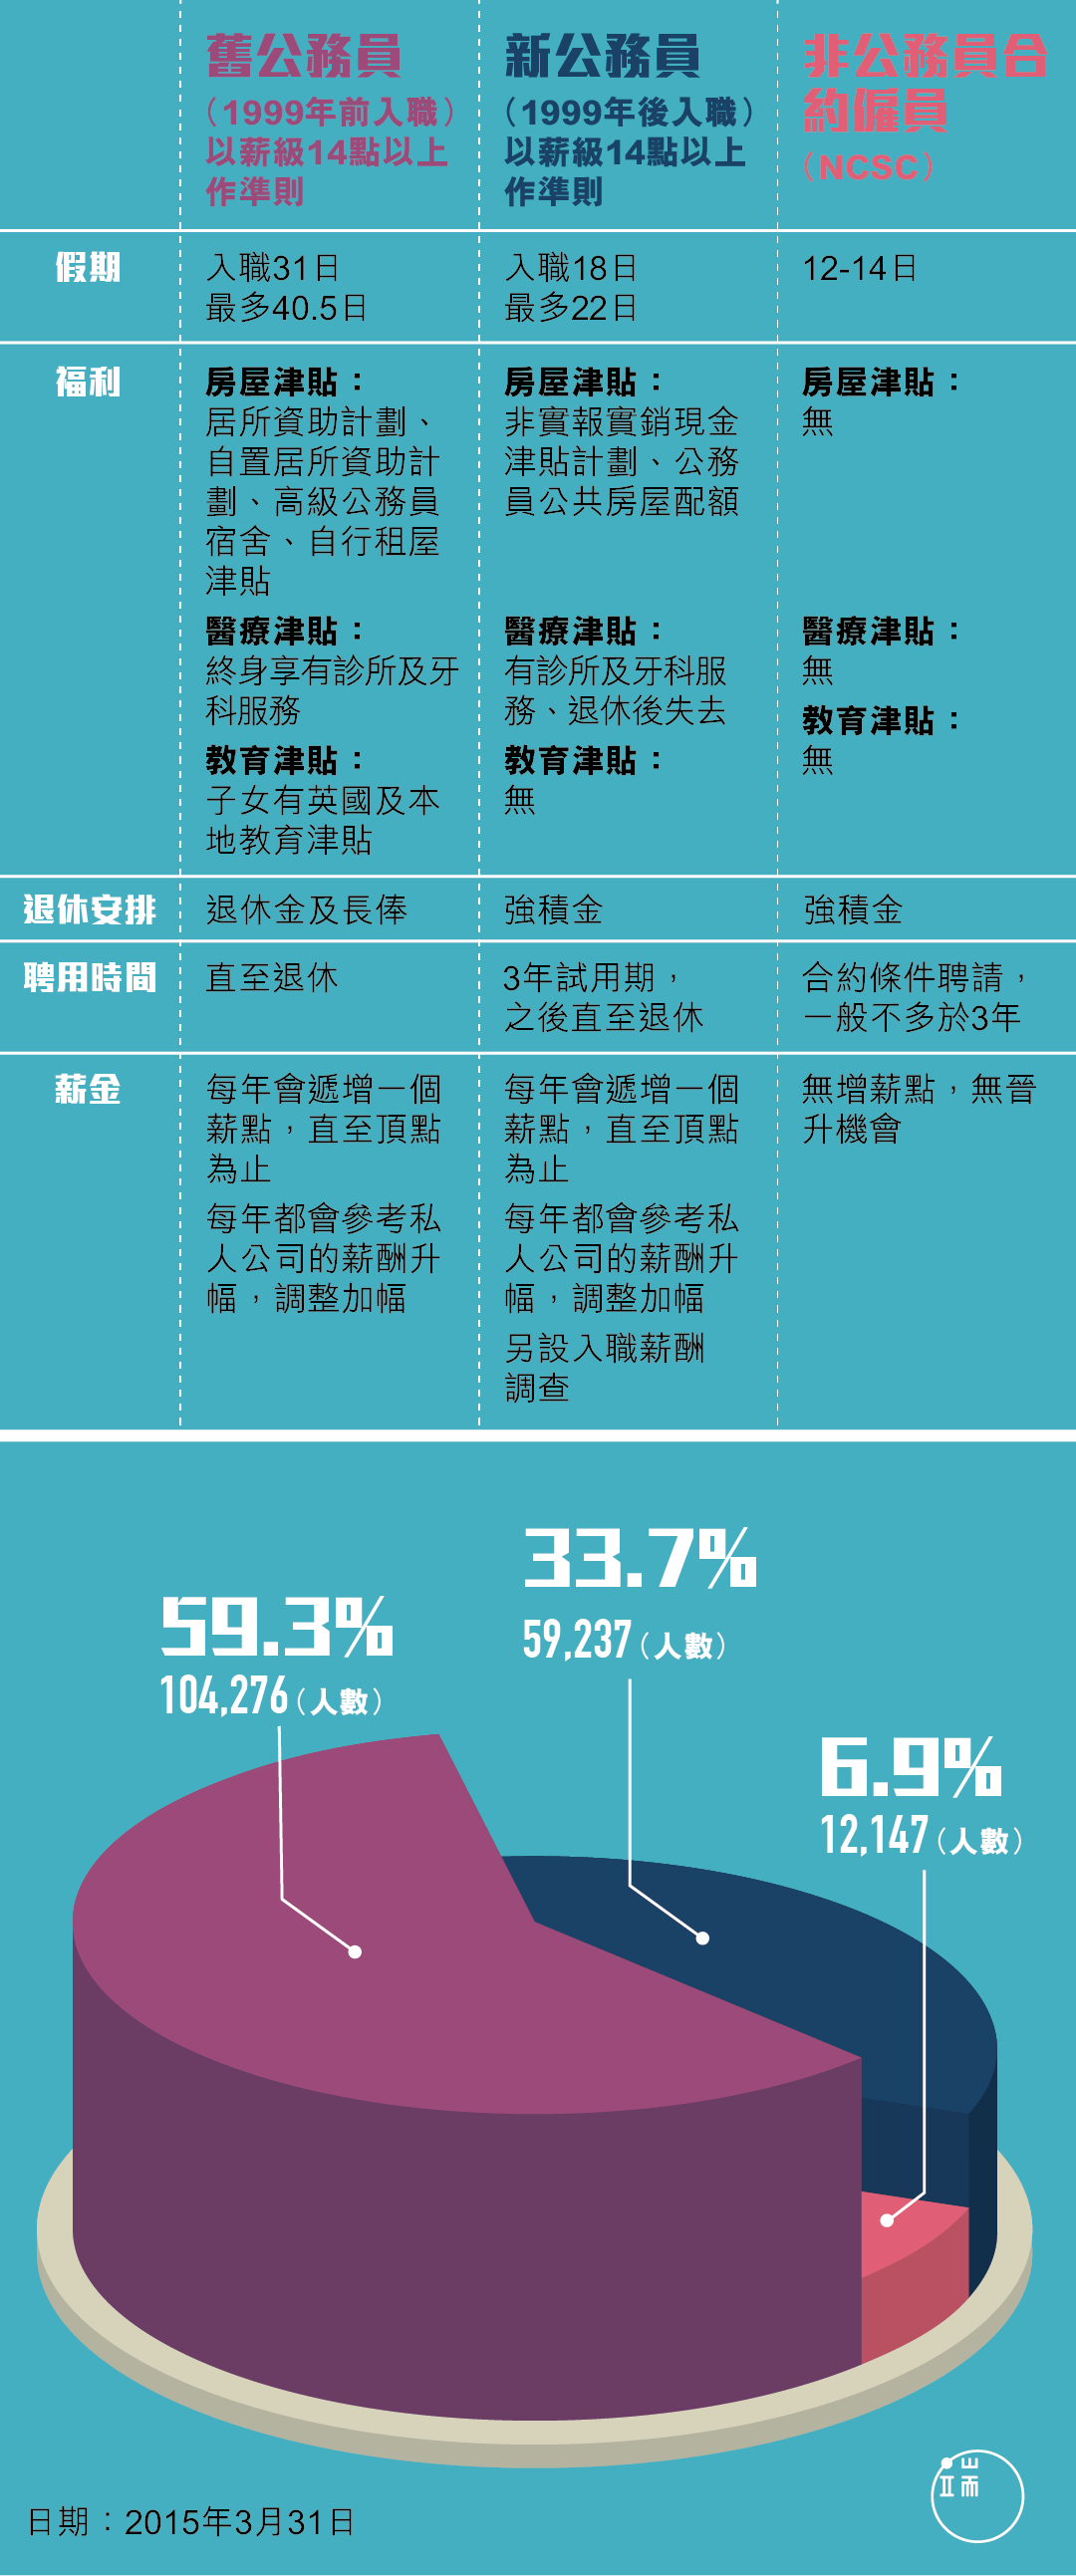 香港舊公務員、新公務員、非公務員合約僱員制度比較。製圖:端傳媒